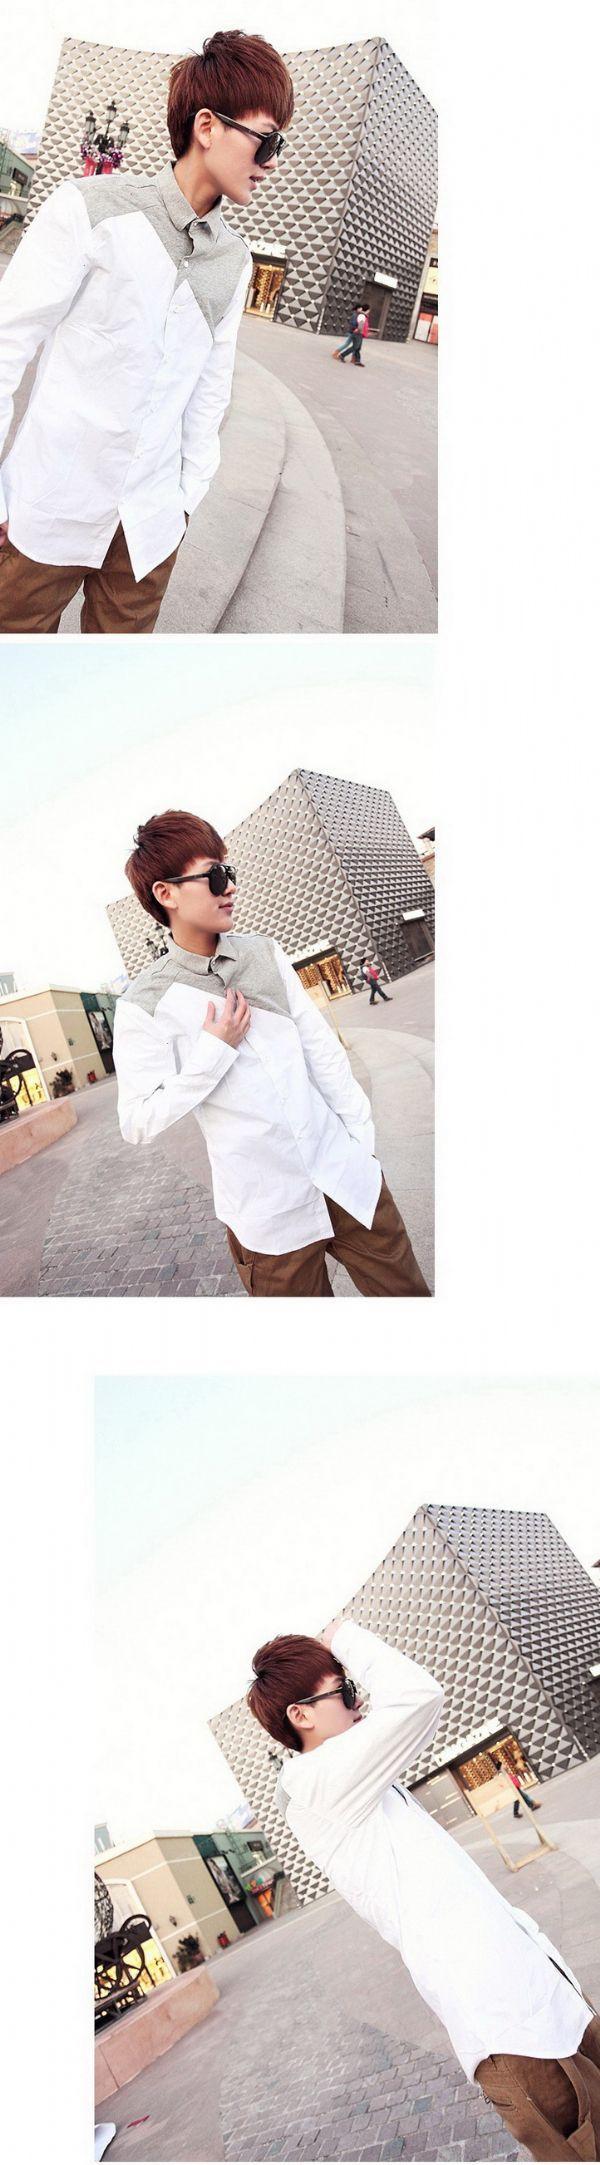 เสื้อผ้าผู้ชาย : เสื้อเชิร์ตขาวต่อผ้าเทา